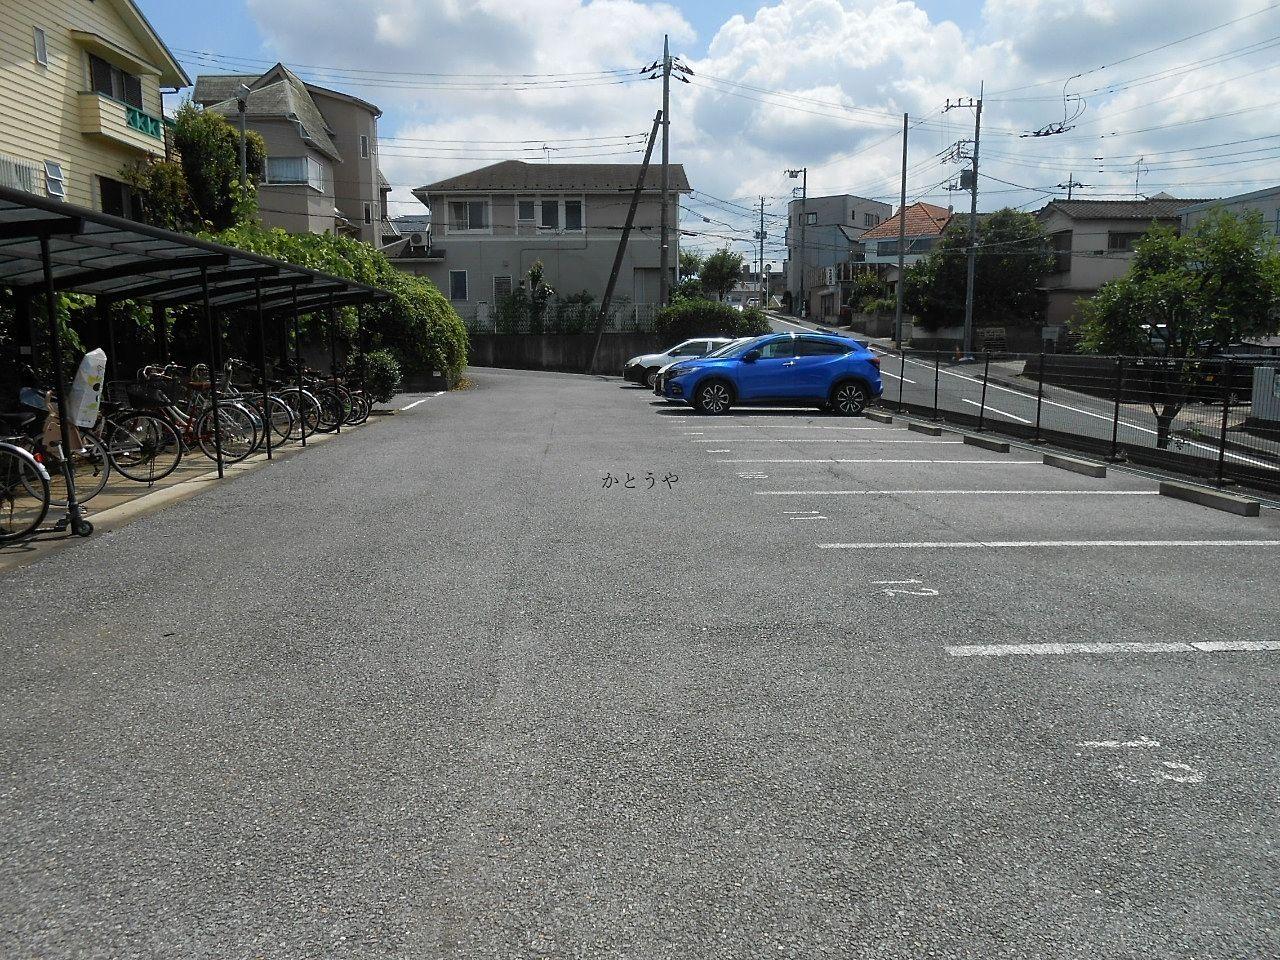 駐車場 パーキング 車